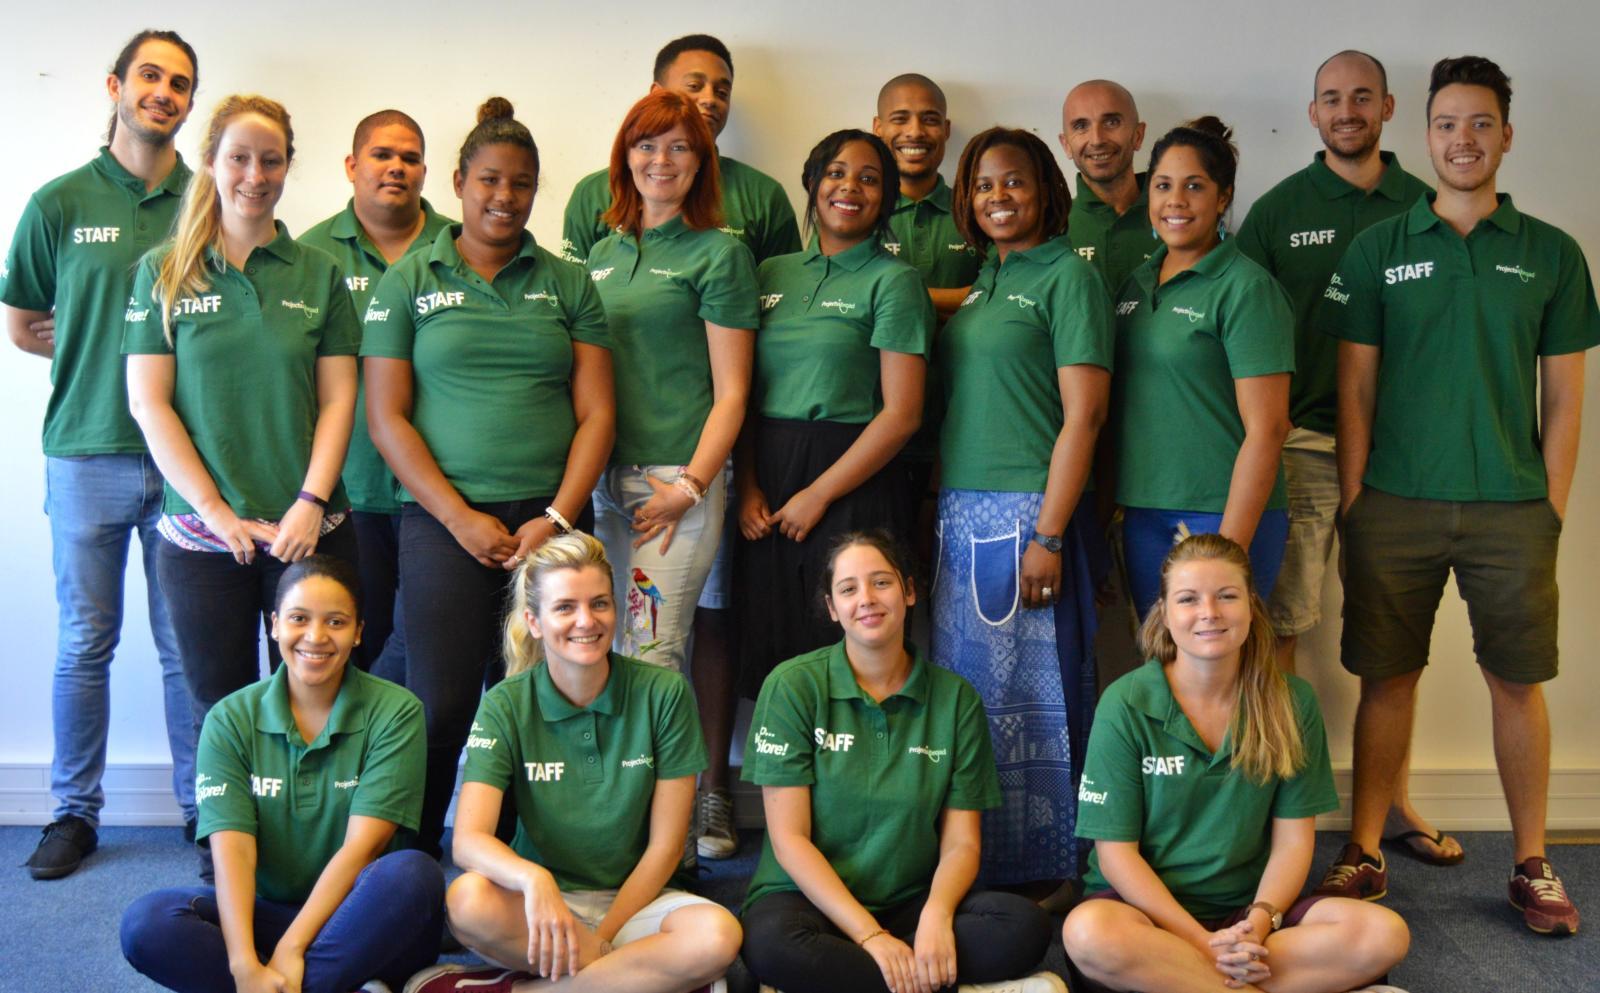 Asesores de Voluntarios, encargados de guiar a los voluntarios en los preparativos para su viaje de voluntariado.